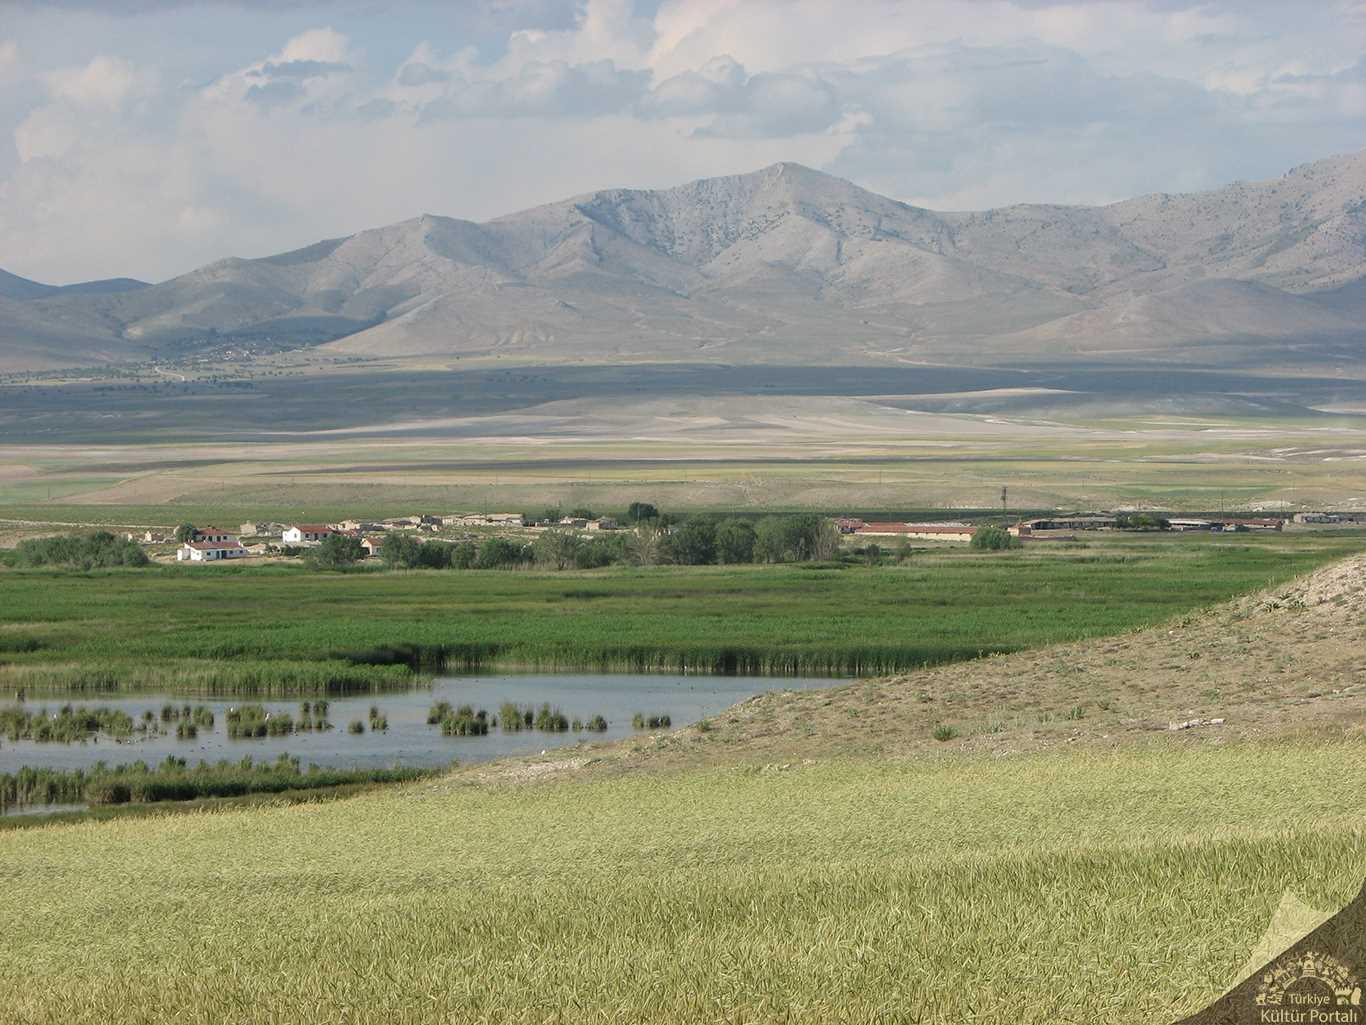 Balıkdamı Kuş Cenneti - Kültür Portalı - Medya Kütüphanesi